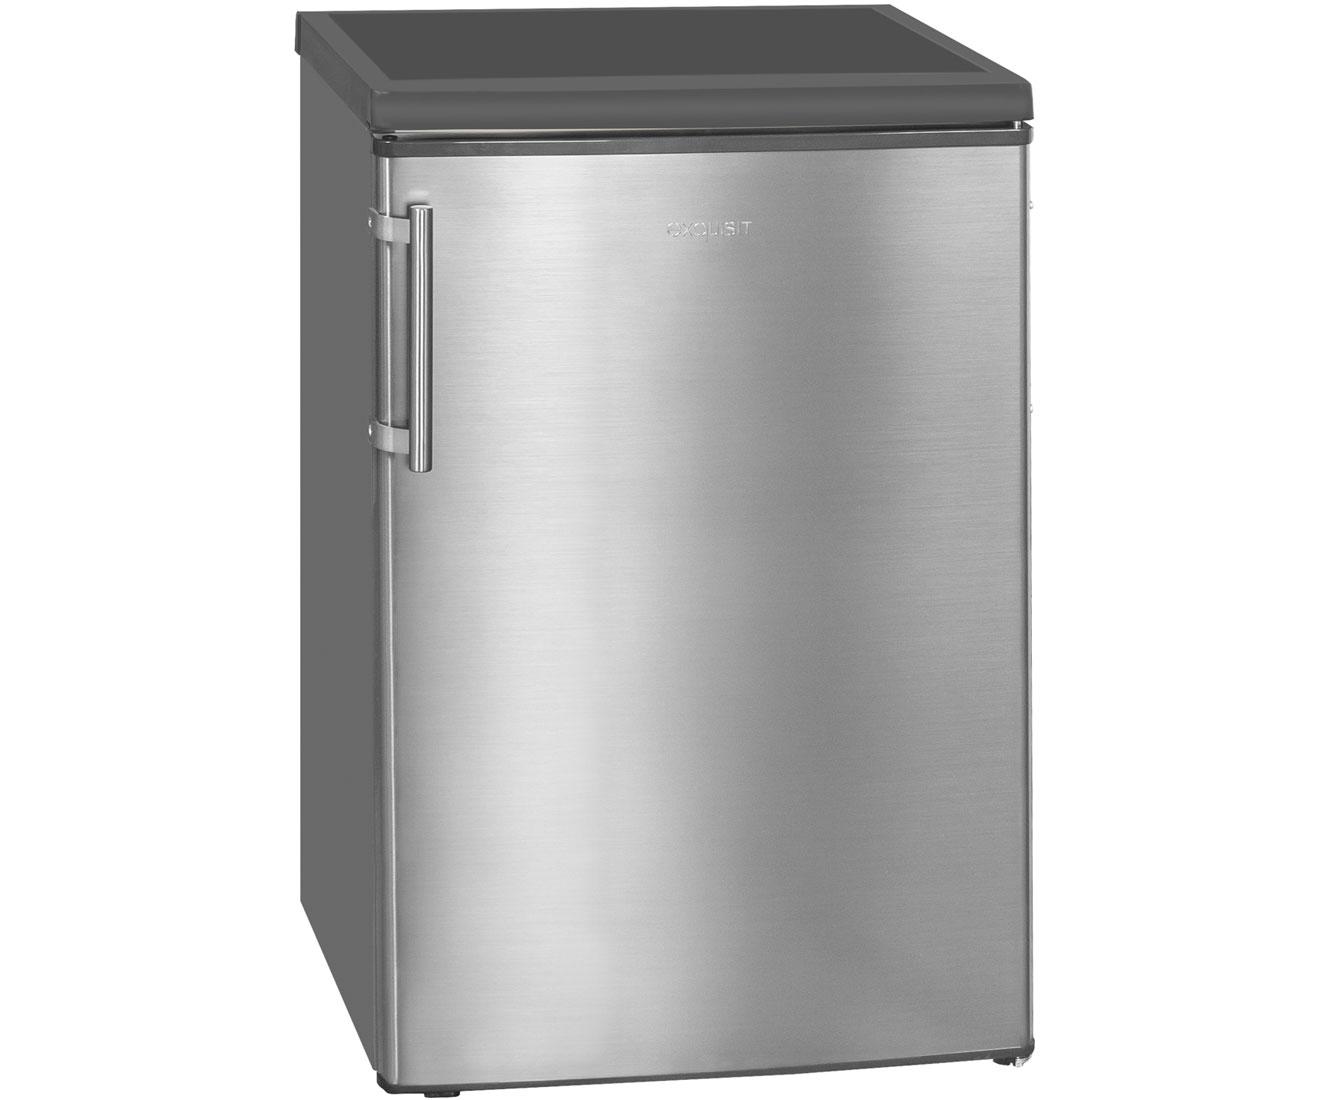 Amica Uks16158 Kühlschrank : Unterbau kühlschrank mit gefrierfach whirlpool einbaukühlschrank